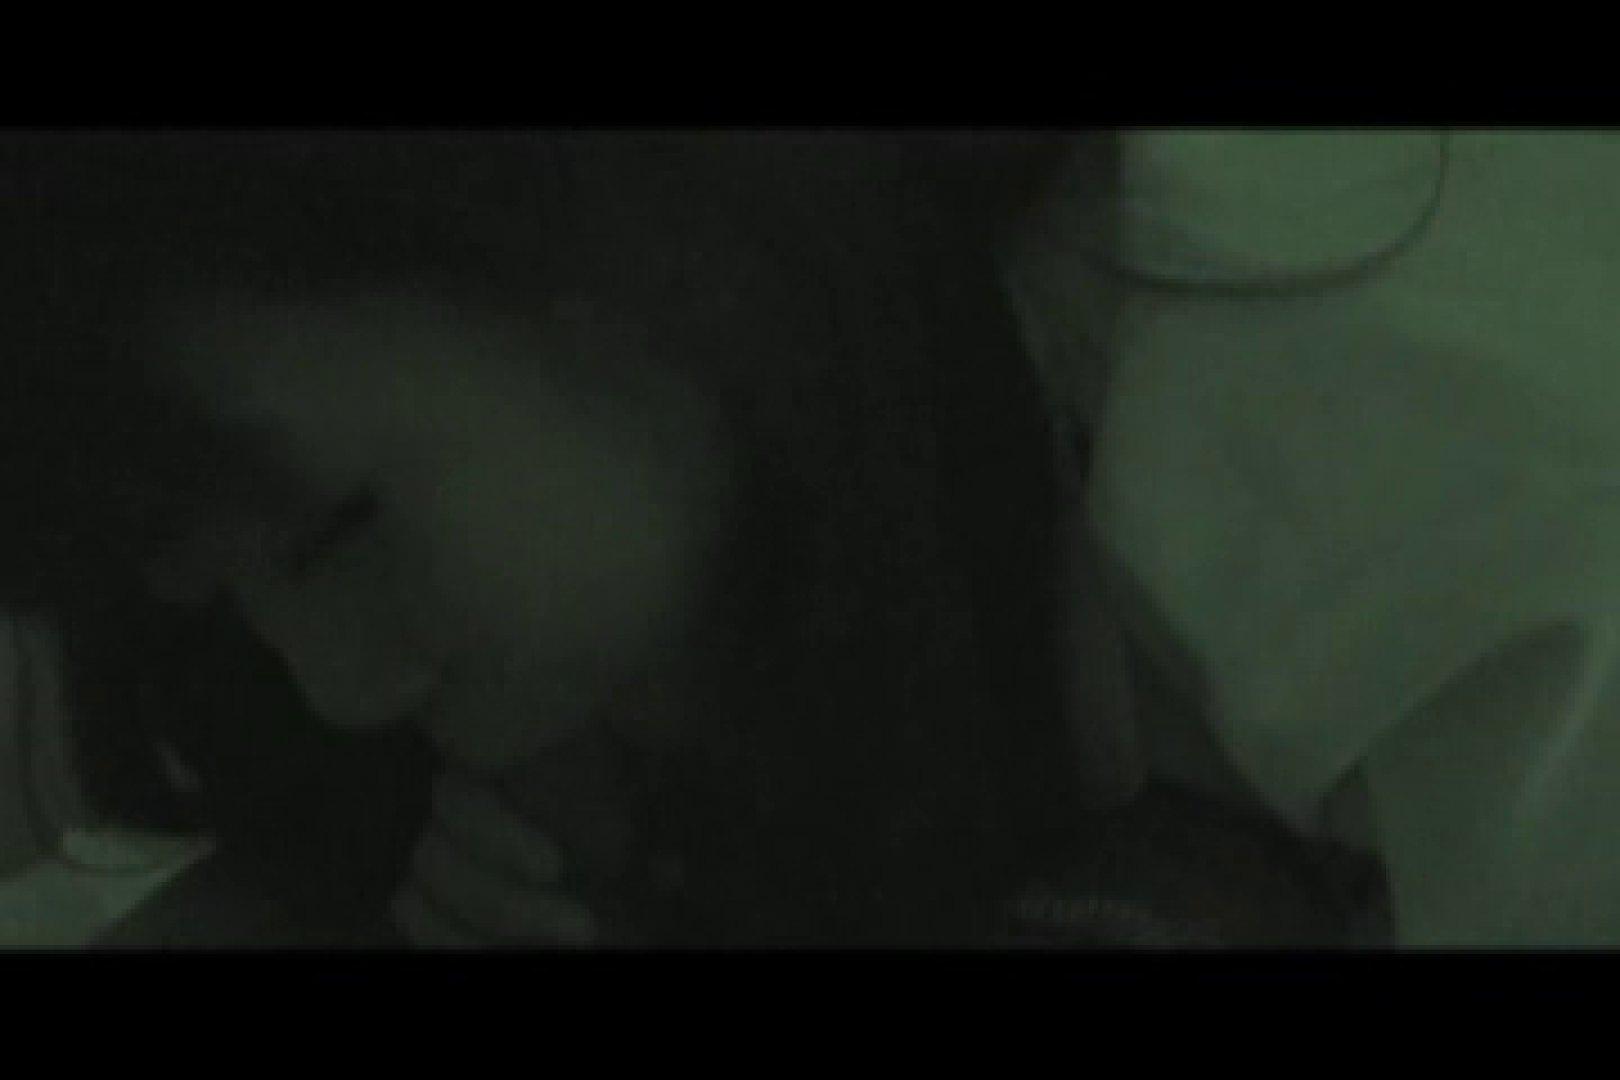 ヤリマンと呼ばれた看護士さんvol3 厠隠し撮り ワレメ動画紹介 72pic 38